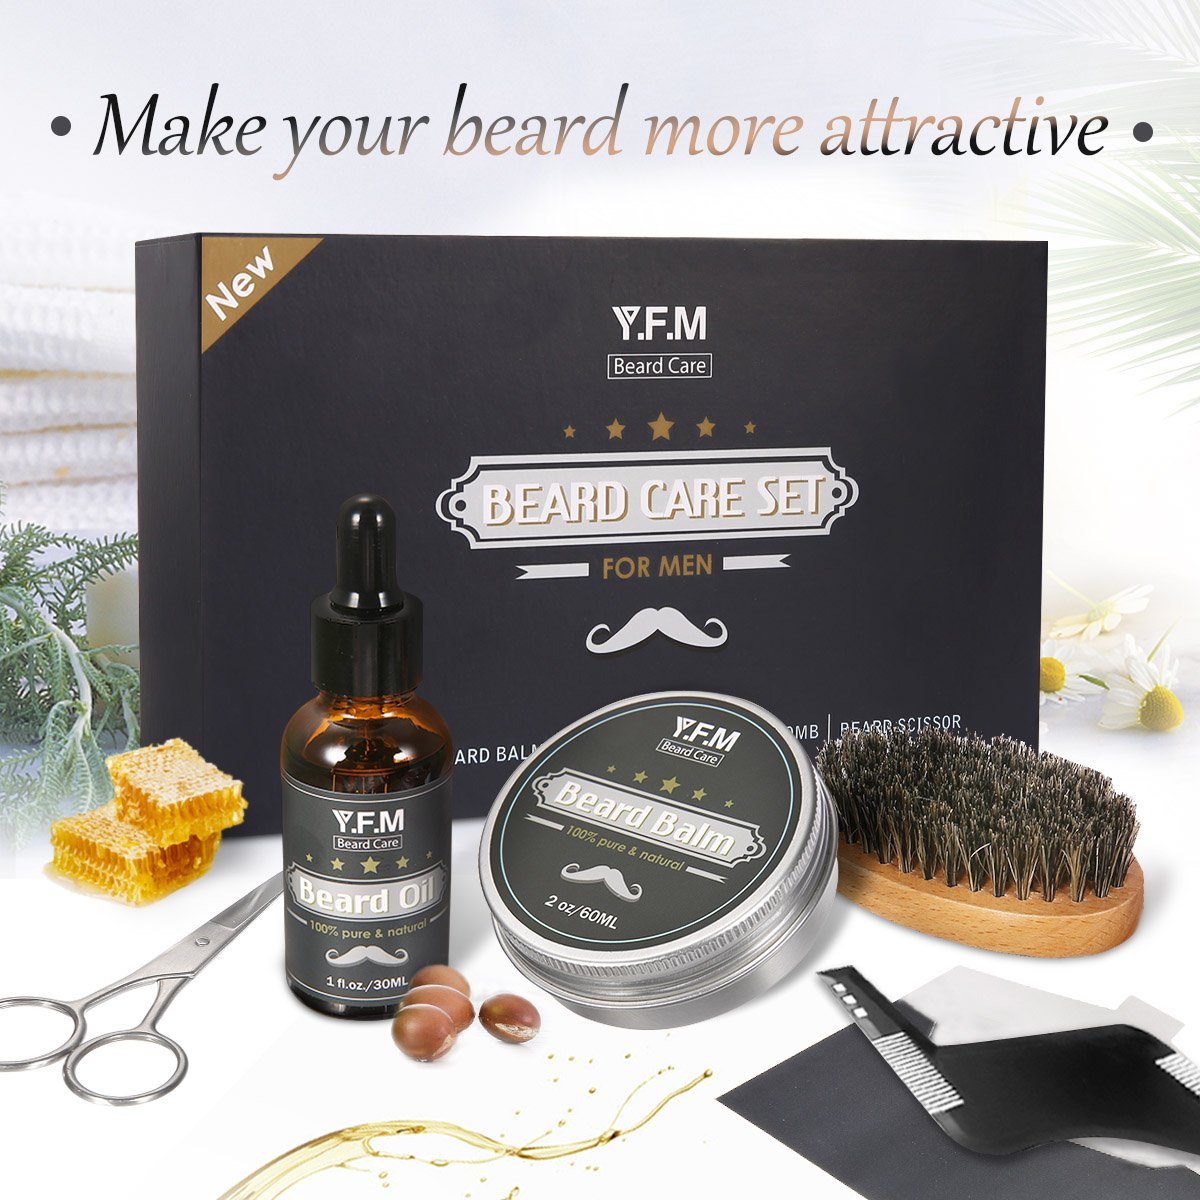 Beard Care Set for Men Y.F.M Mustache Grooming Trimming Set - Beard Oil, Beard Balm, Beard Brush, Beard Comb, Stainless Barber Scissors - Best Birthday, Father's Day Gift Set Father's Day Gift Set Luckyfine